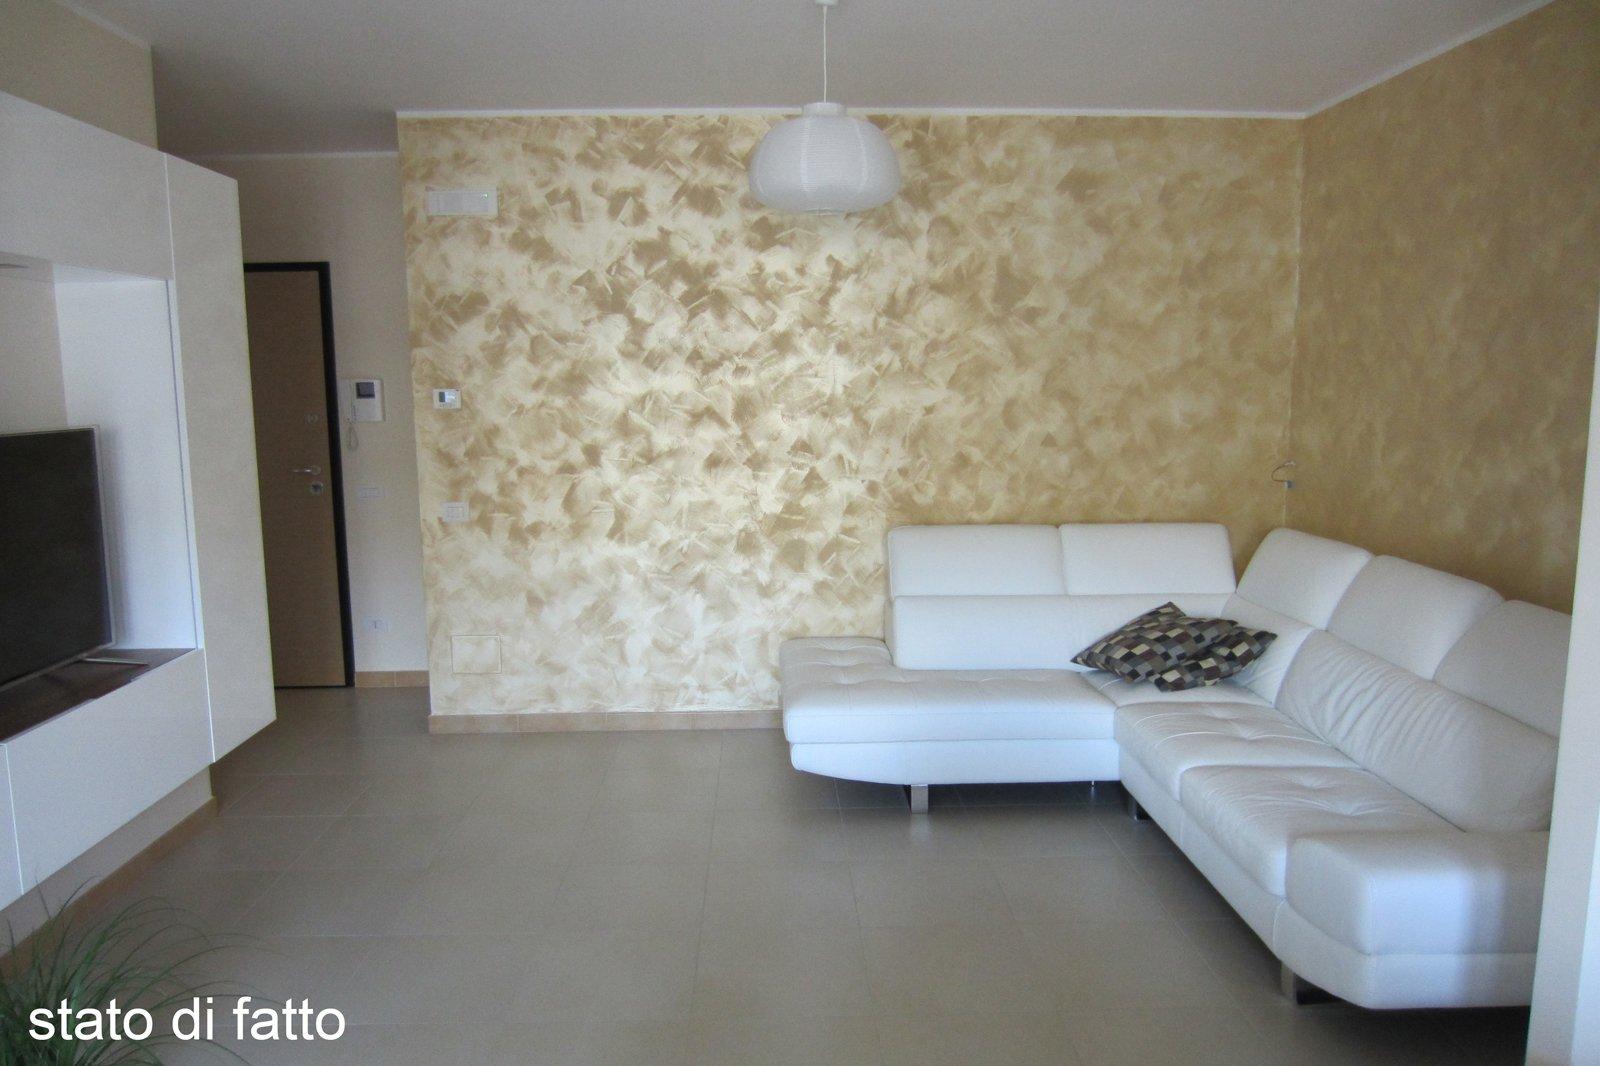 Come abbinare i colori in soggiorno tre soluzioni a confronto cose di casa - Colore parete cucina noce ...